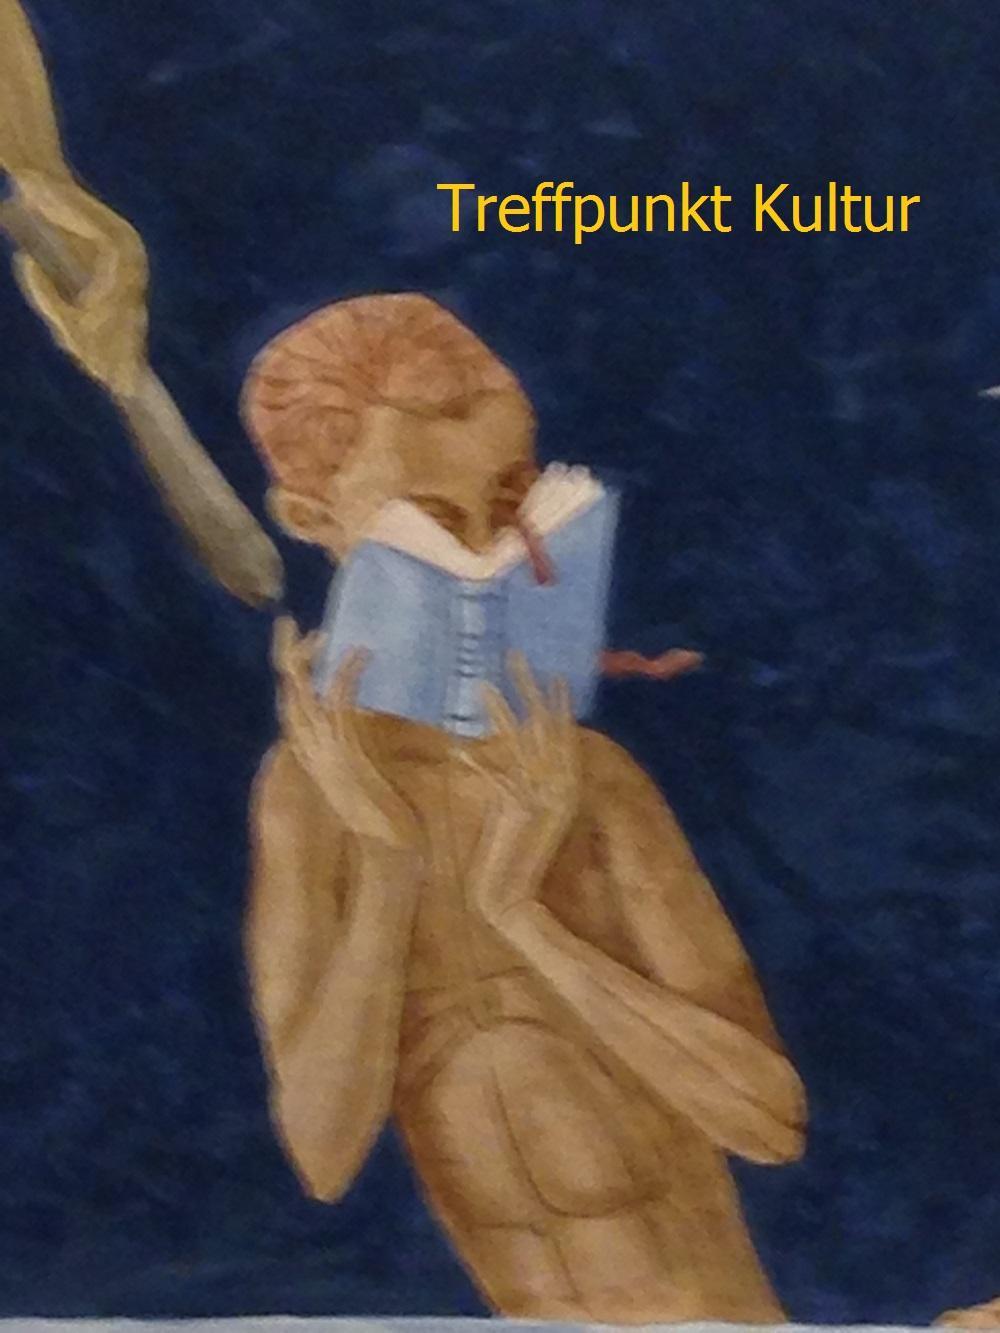 Treffpunkt Kultur – saksankielinen keskustelupiiri